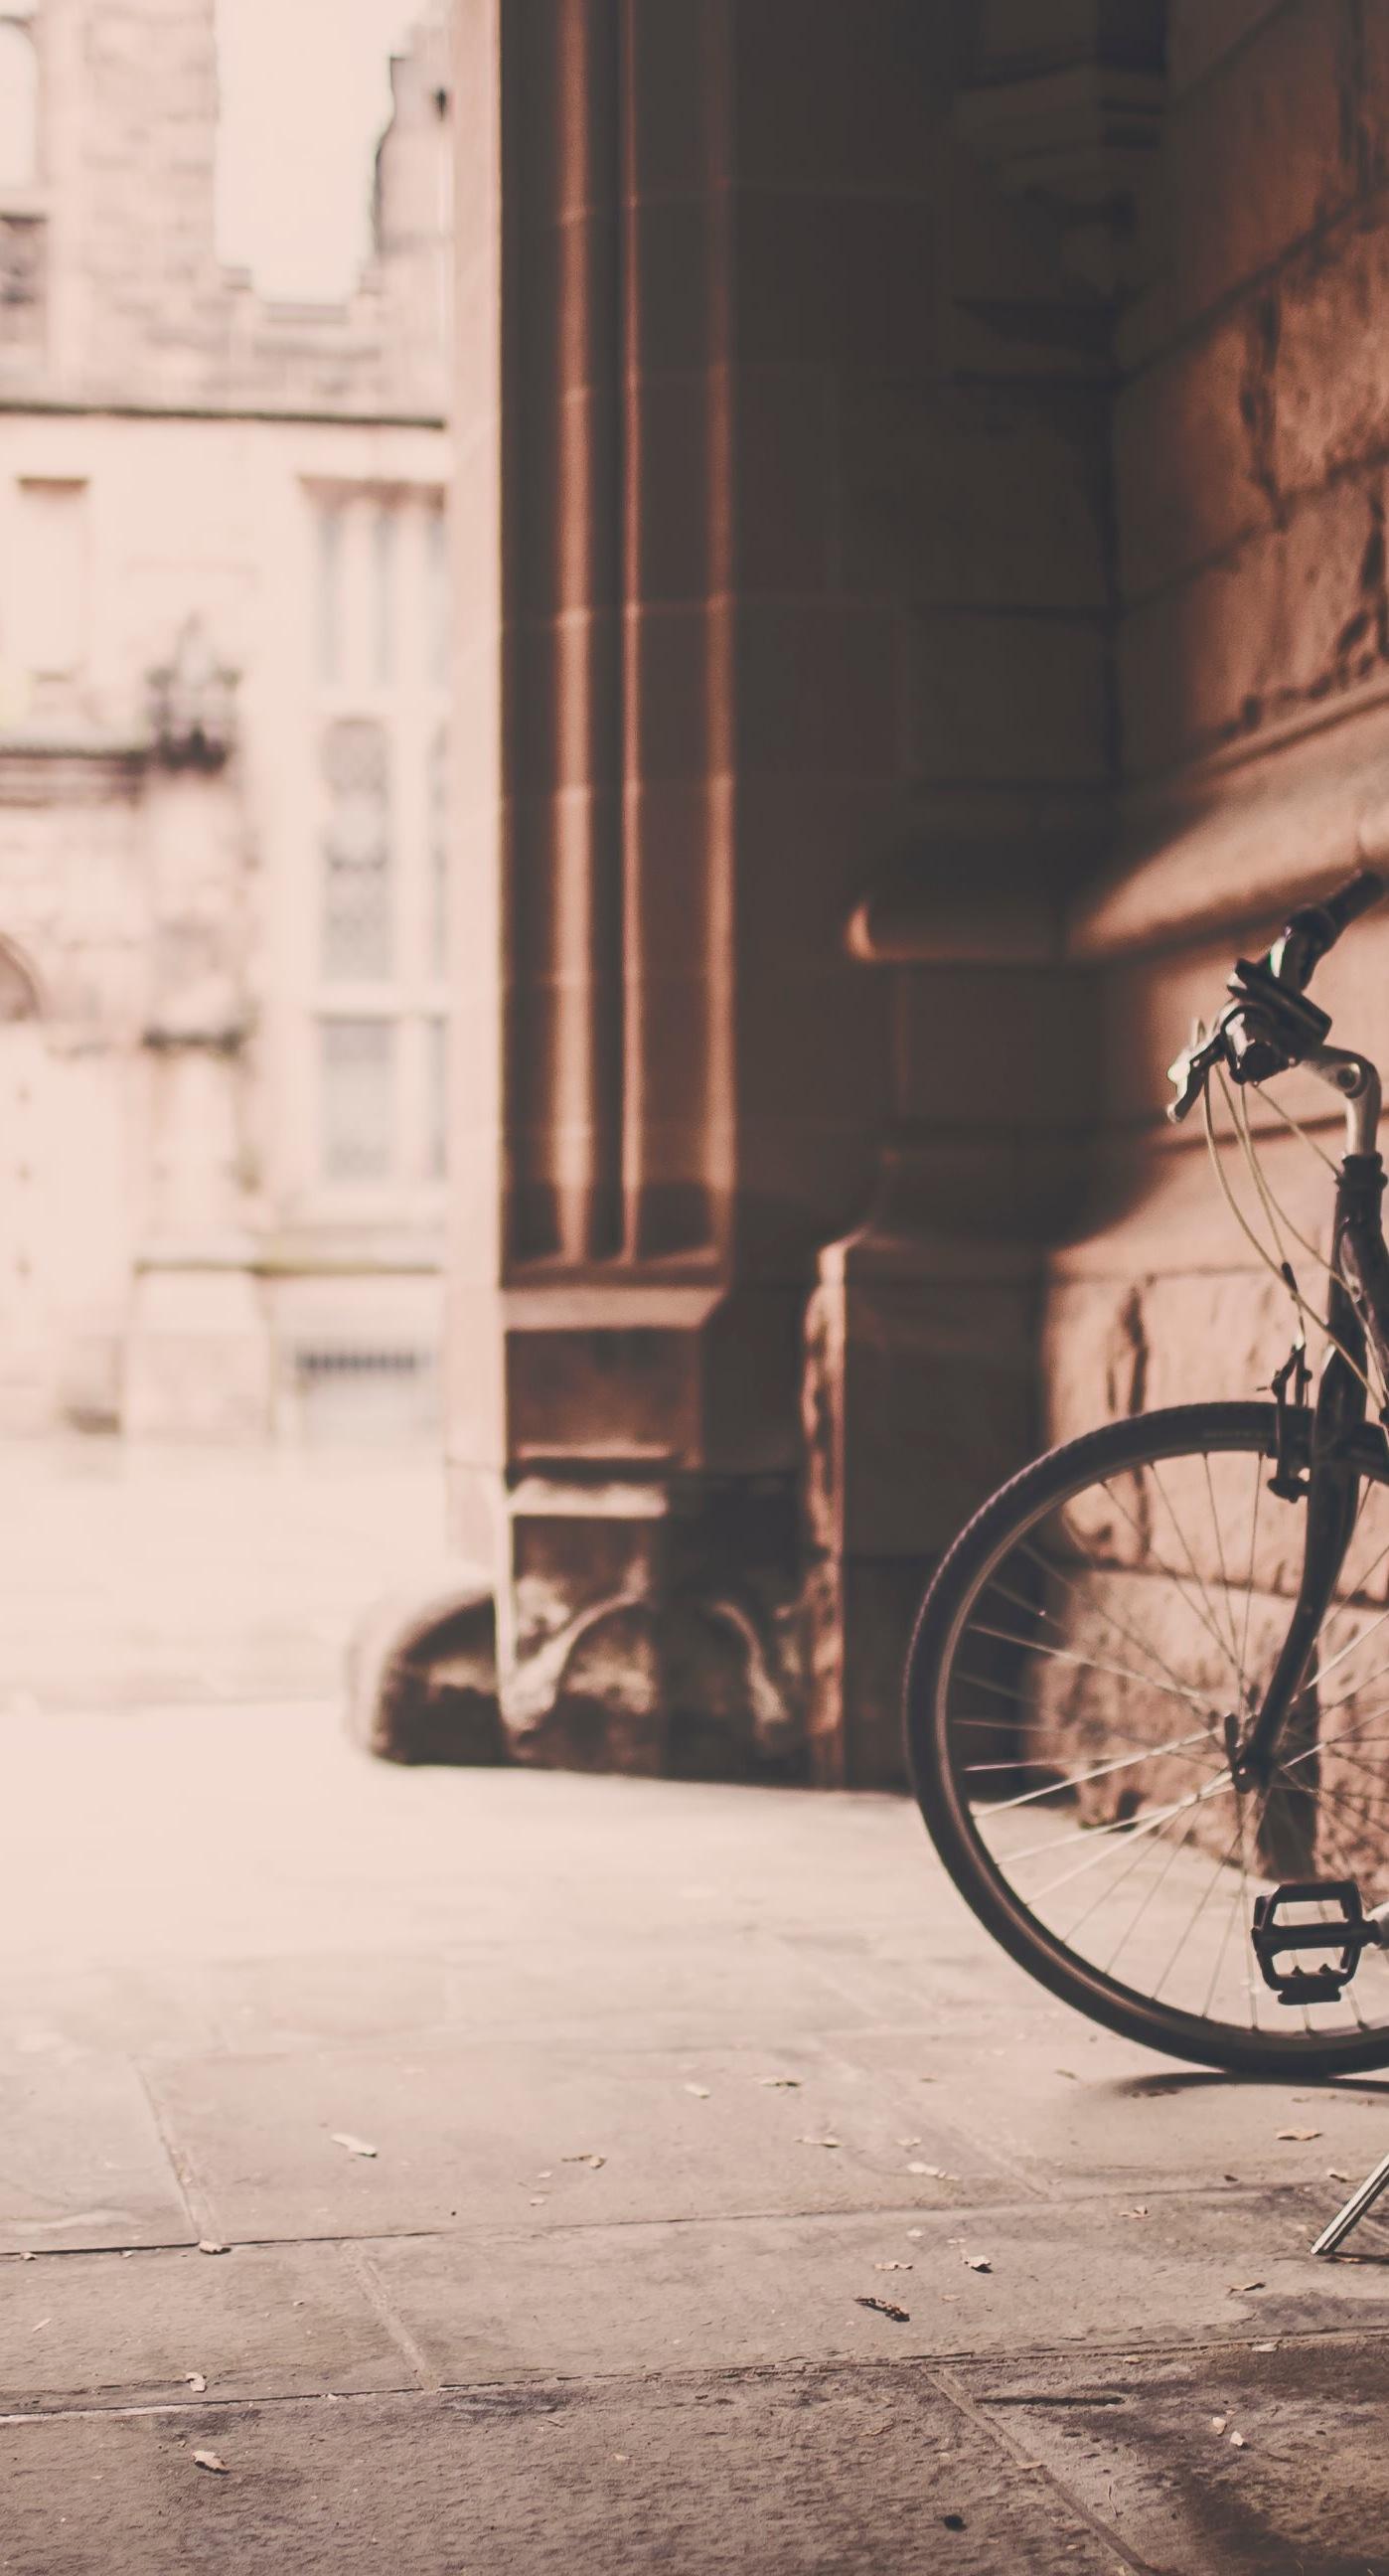 風景自転車オシャレ Wallpaper Sc Iphone6splus壁紙